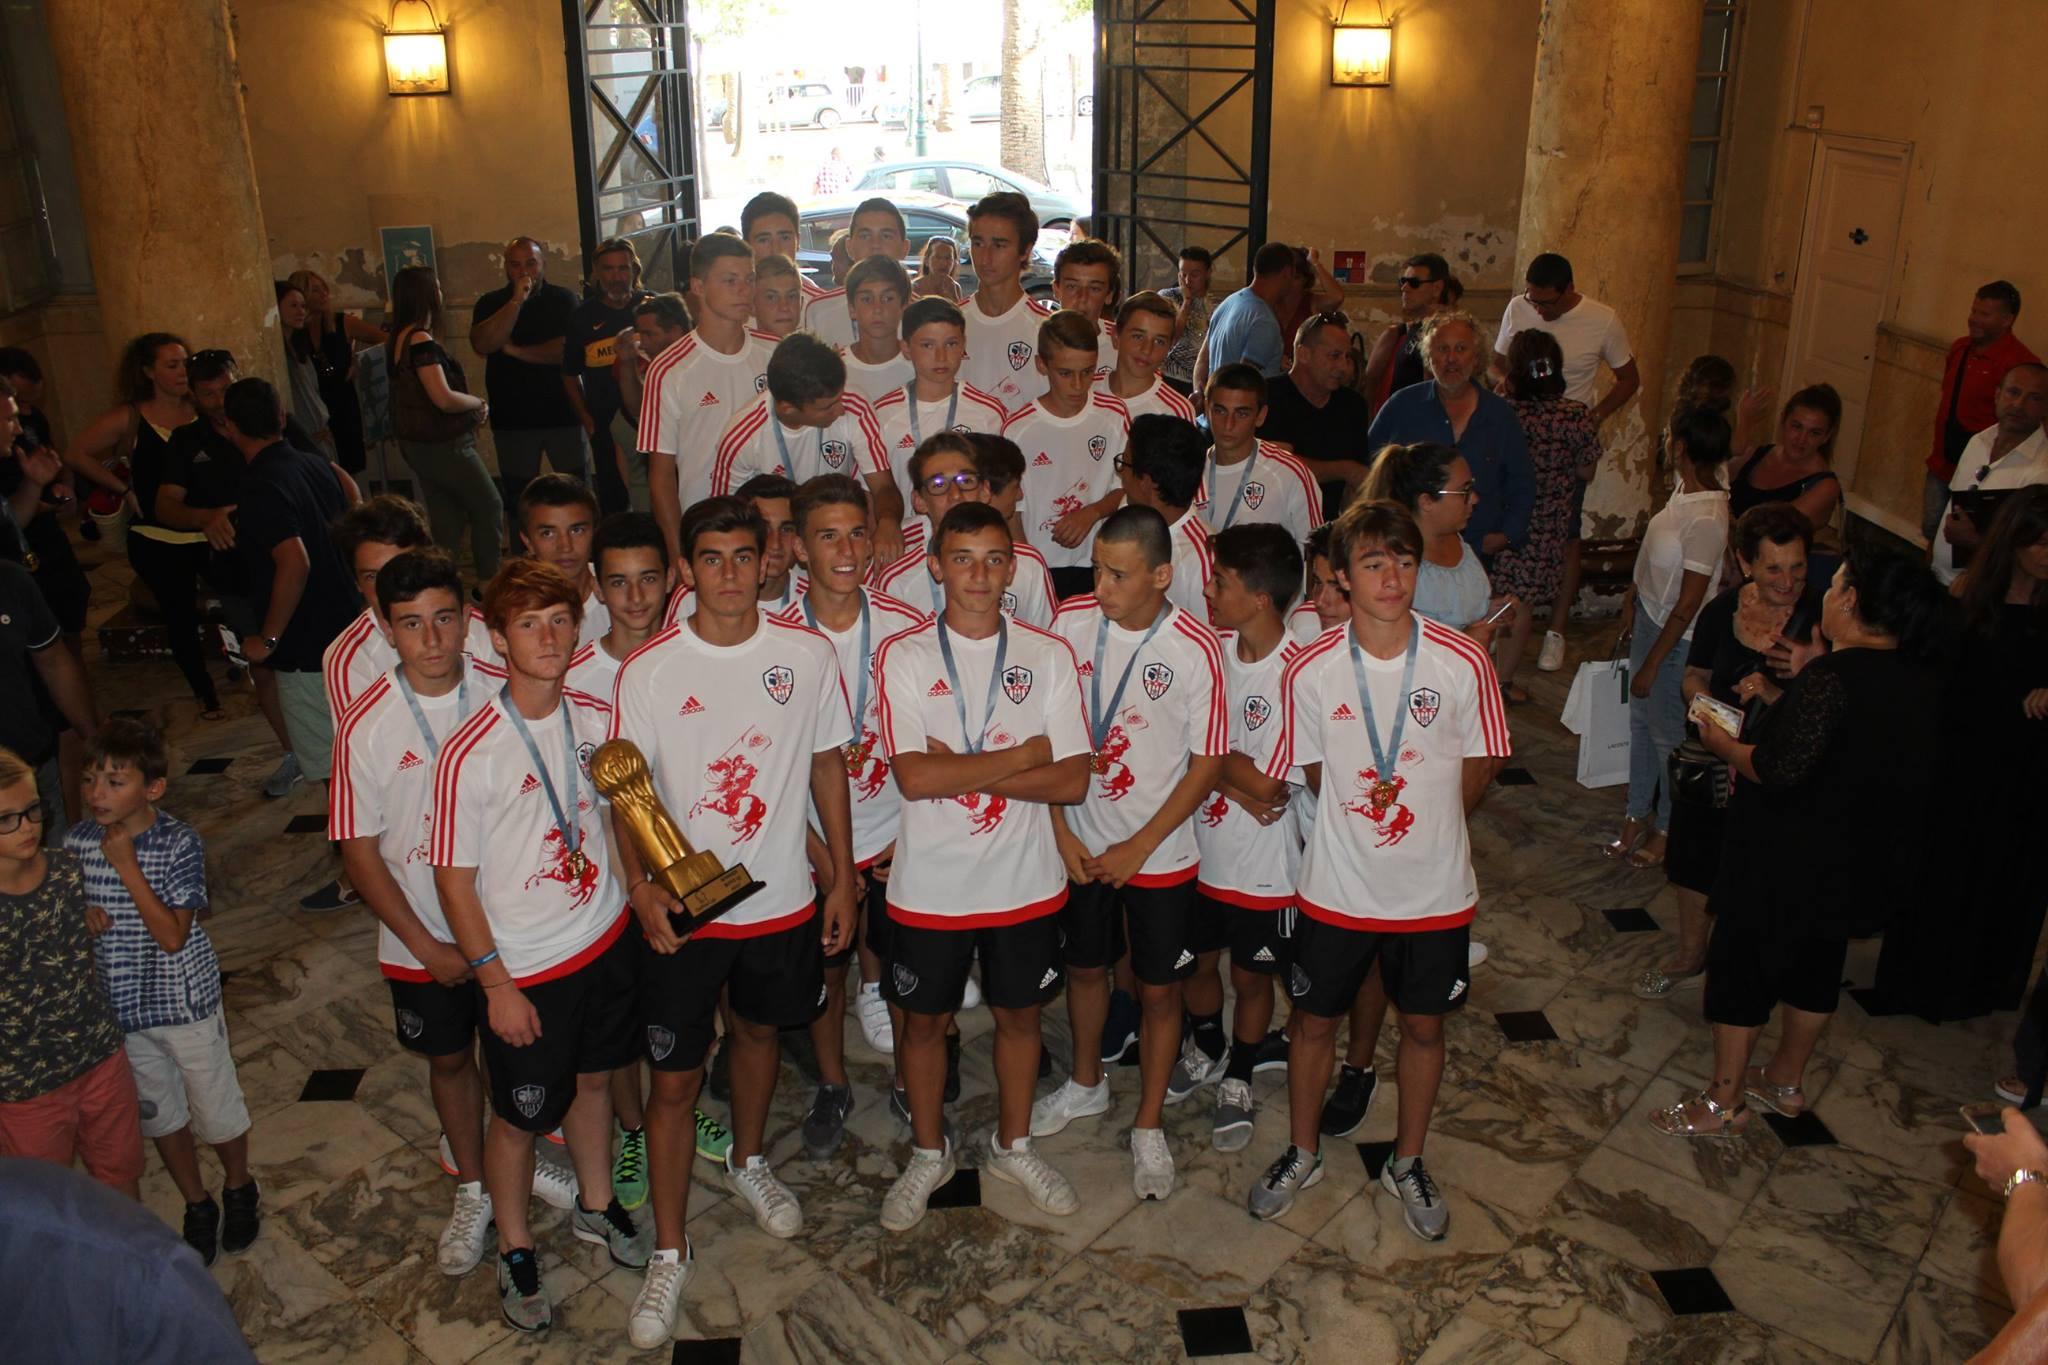 Les jeunes footballeursU15 de l'ACA, champions du monde, honorés par Laurent Marcangeli et l'Assemblée de Corse